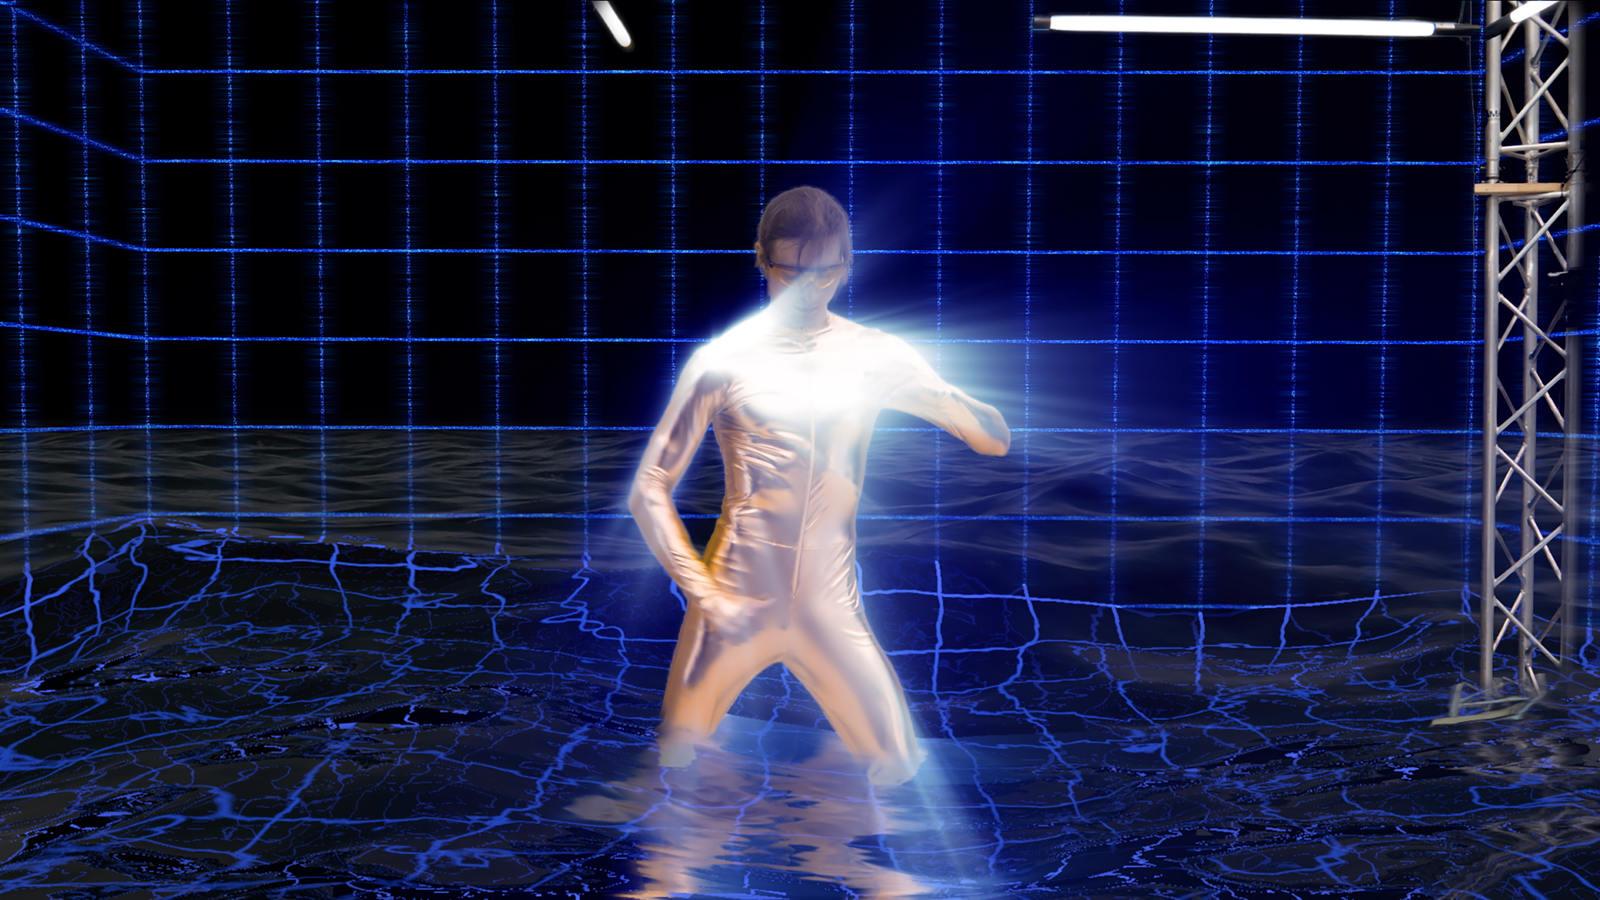 hito-steyerl_installation-view6_venice-biennale_photo-manuel-reinartz-1